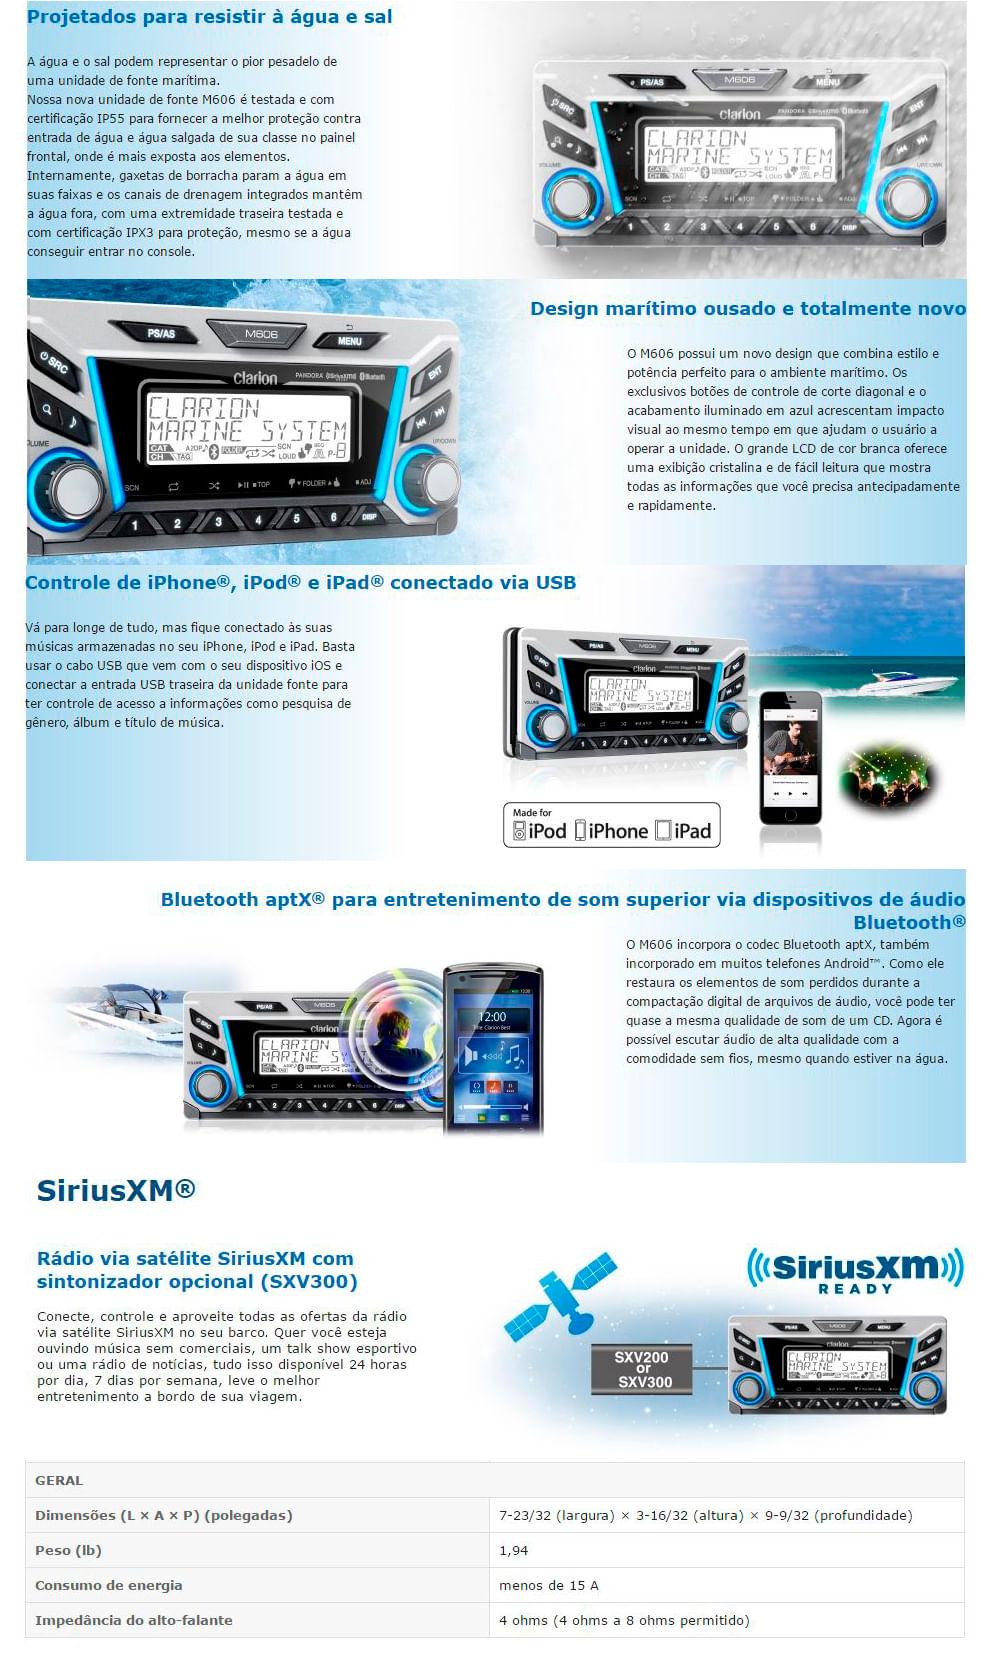 sirius-rádio